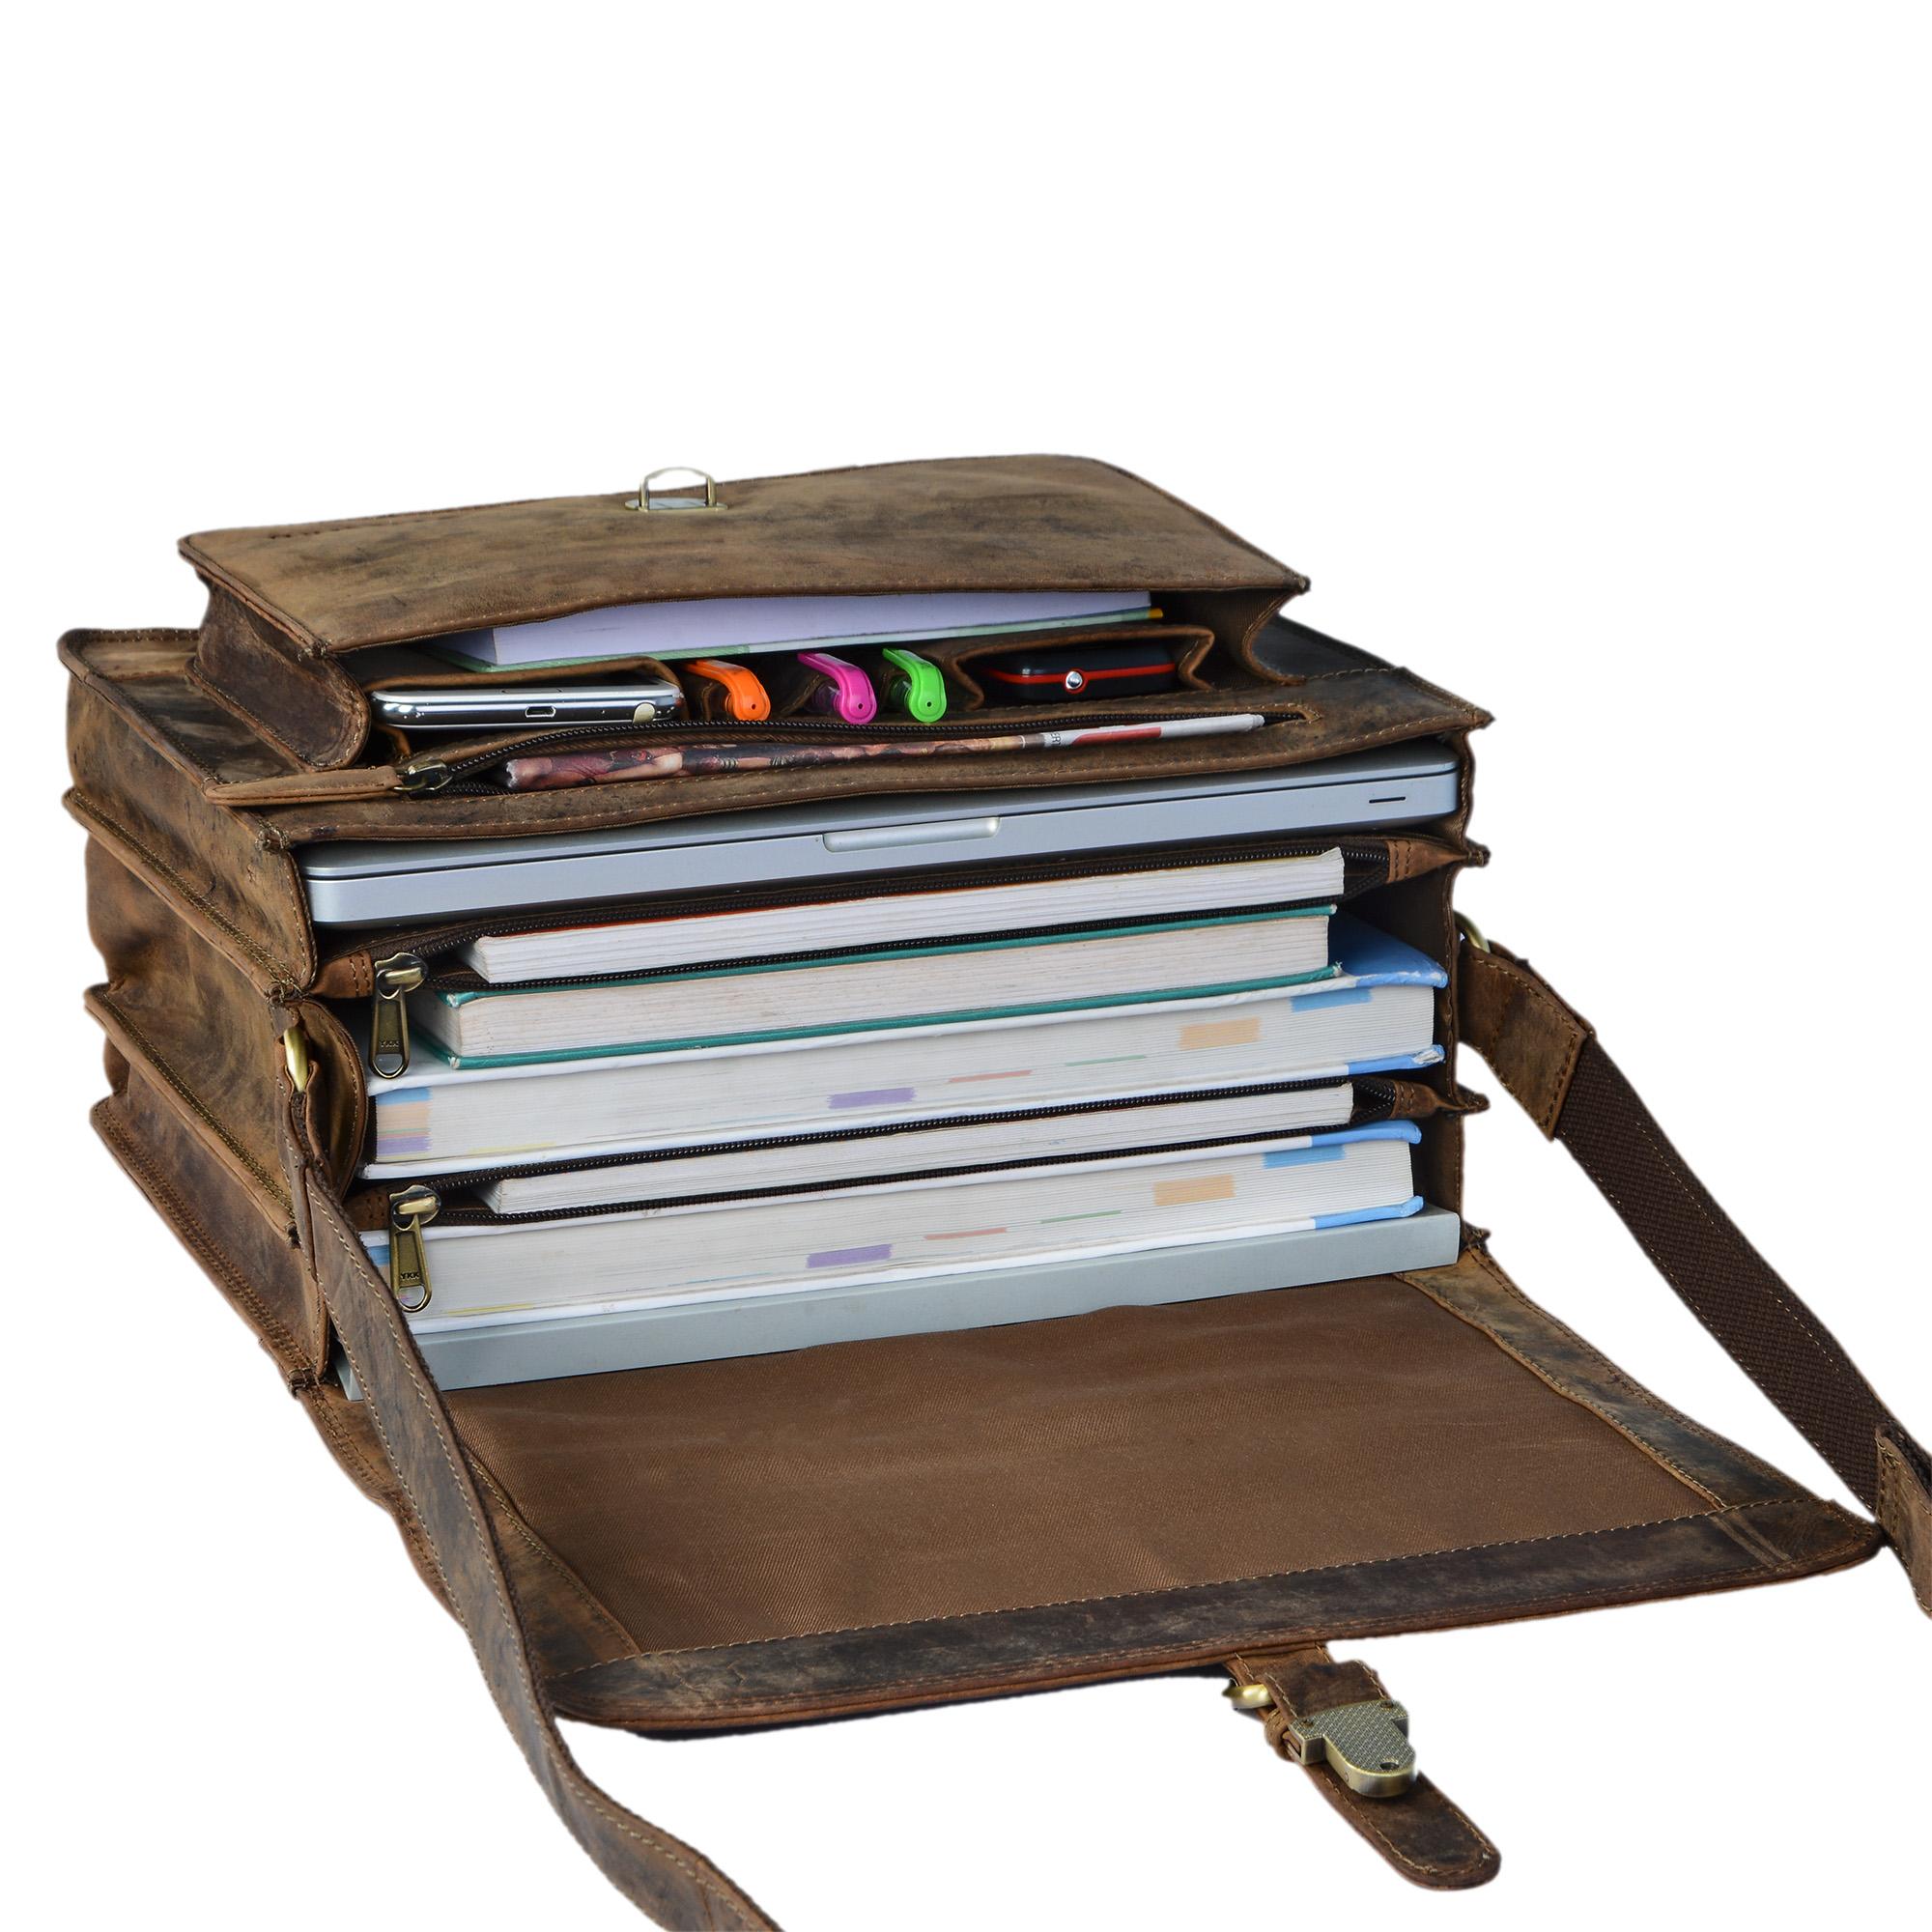 """STILORD """"Romeo"""" Kleine Aktentasche Leder für Herren Damen Vintage Businesstasche Bürotasche für DIN A4 Dokumente und 13,3 Zoll Laptops MacBooks aus echtem Leder - Bild 13"""